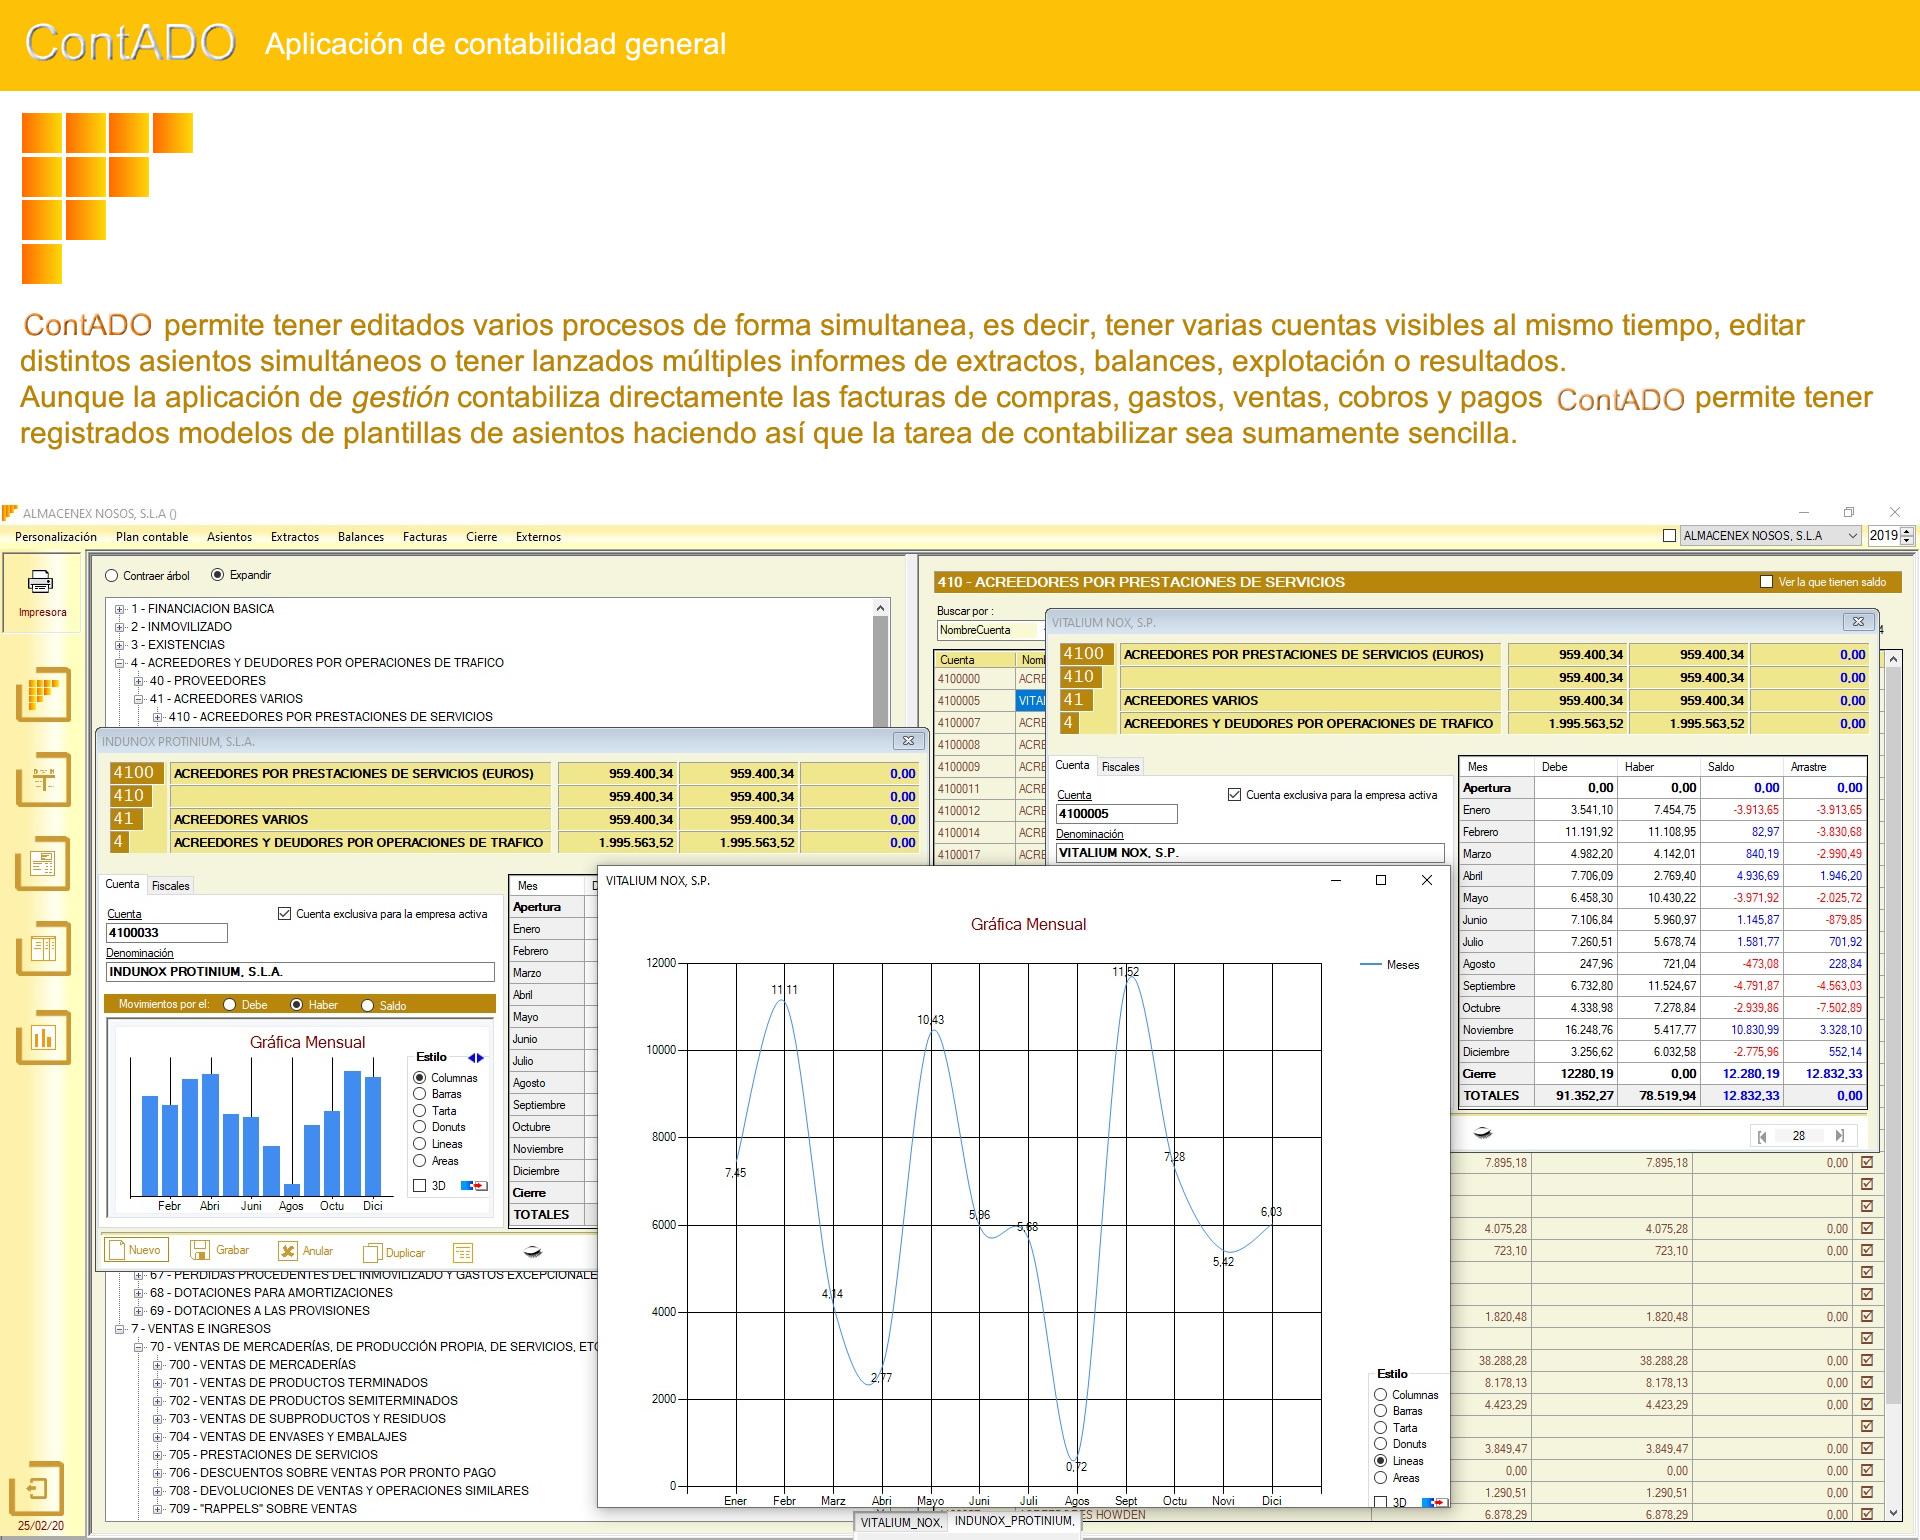 Contado - Aplicación de contabilidad general